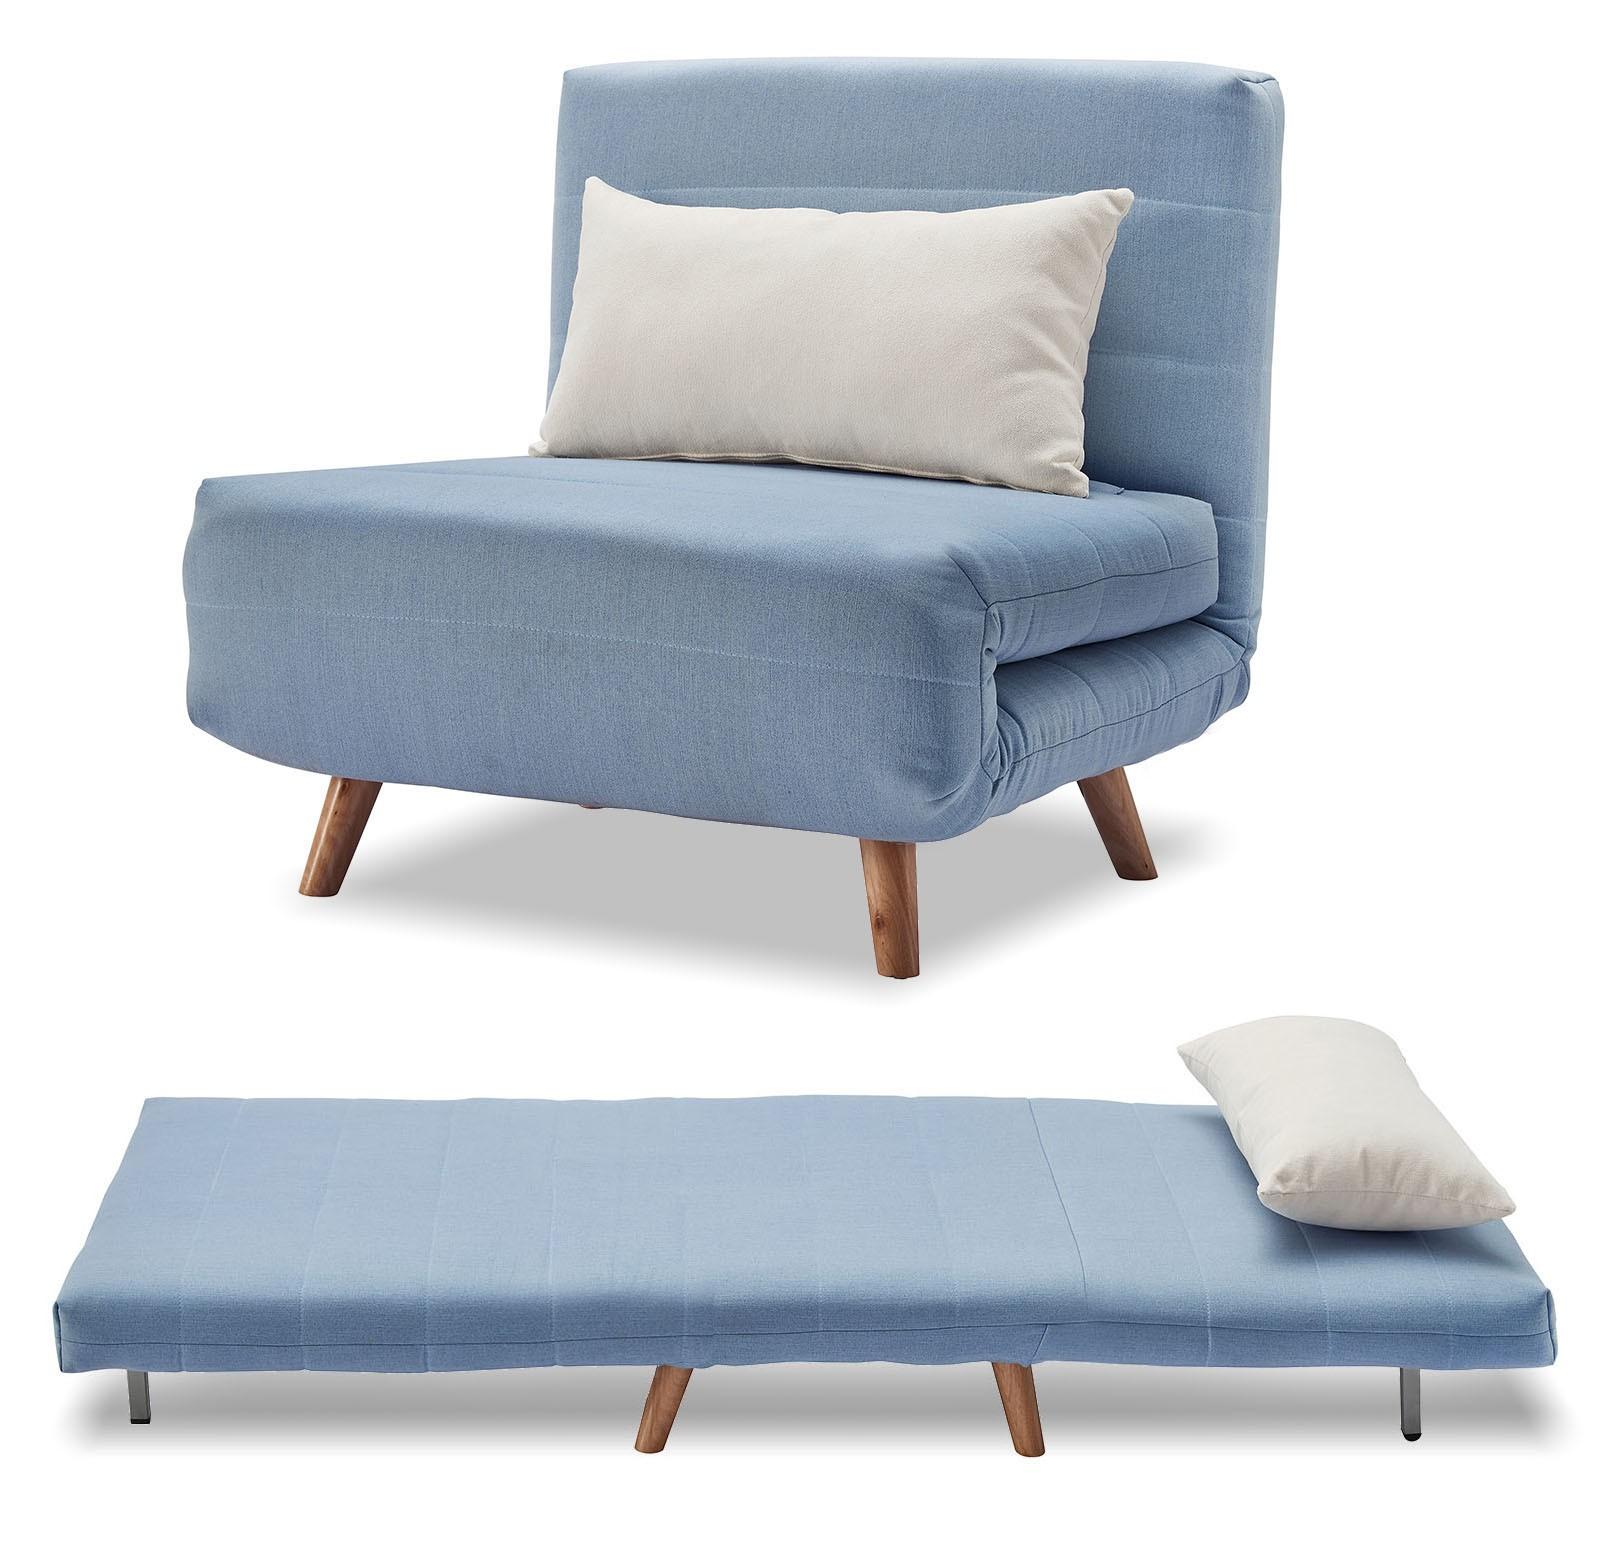 Кресло кровать Flex, голубой